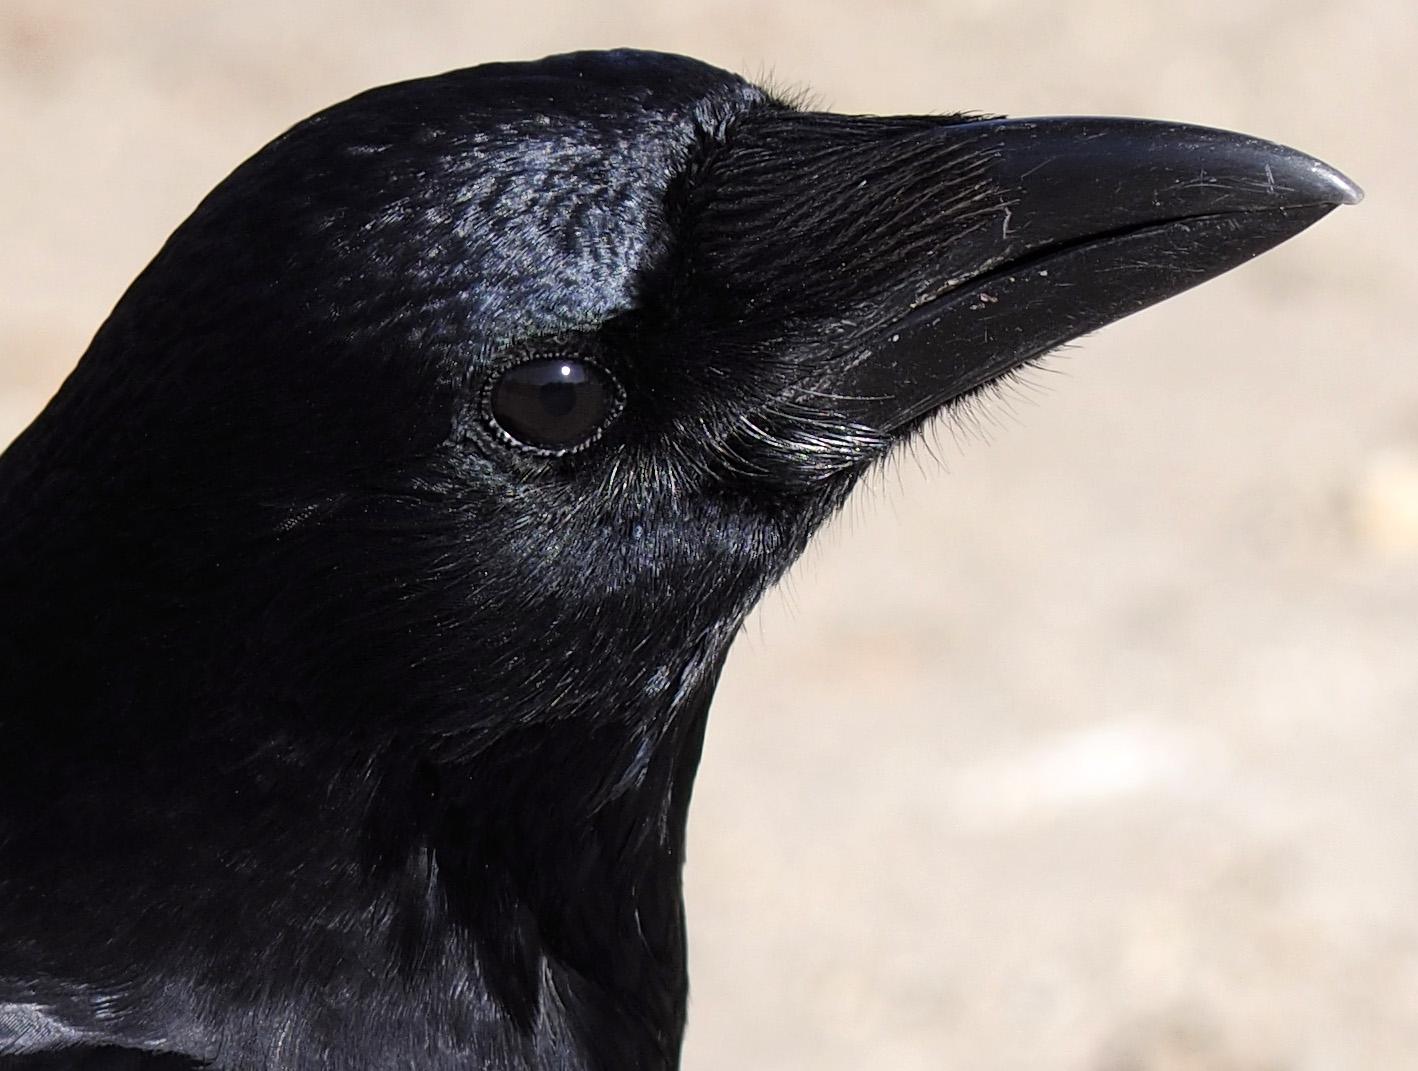 目も真っ黒でかわいいカラス